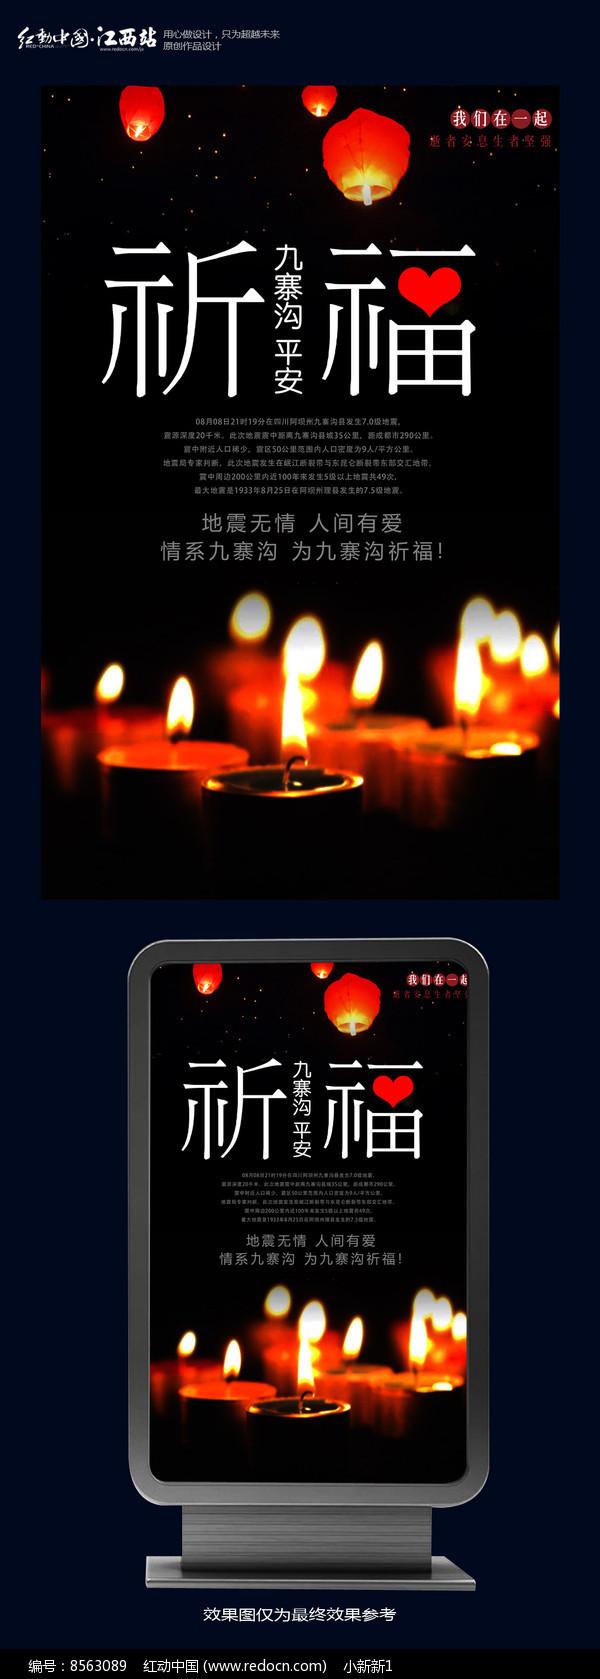 简约祈福九寨沟地震公益海报图片